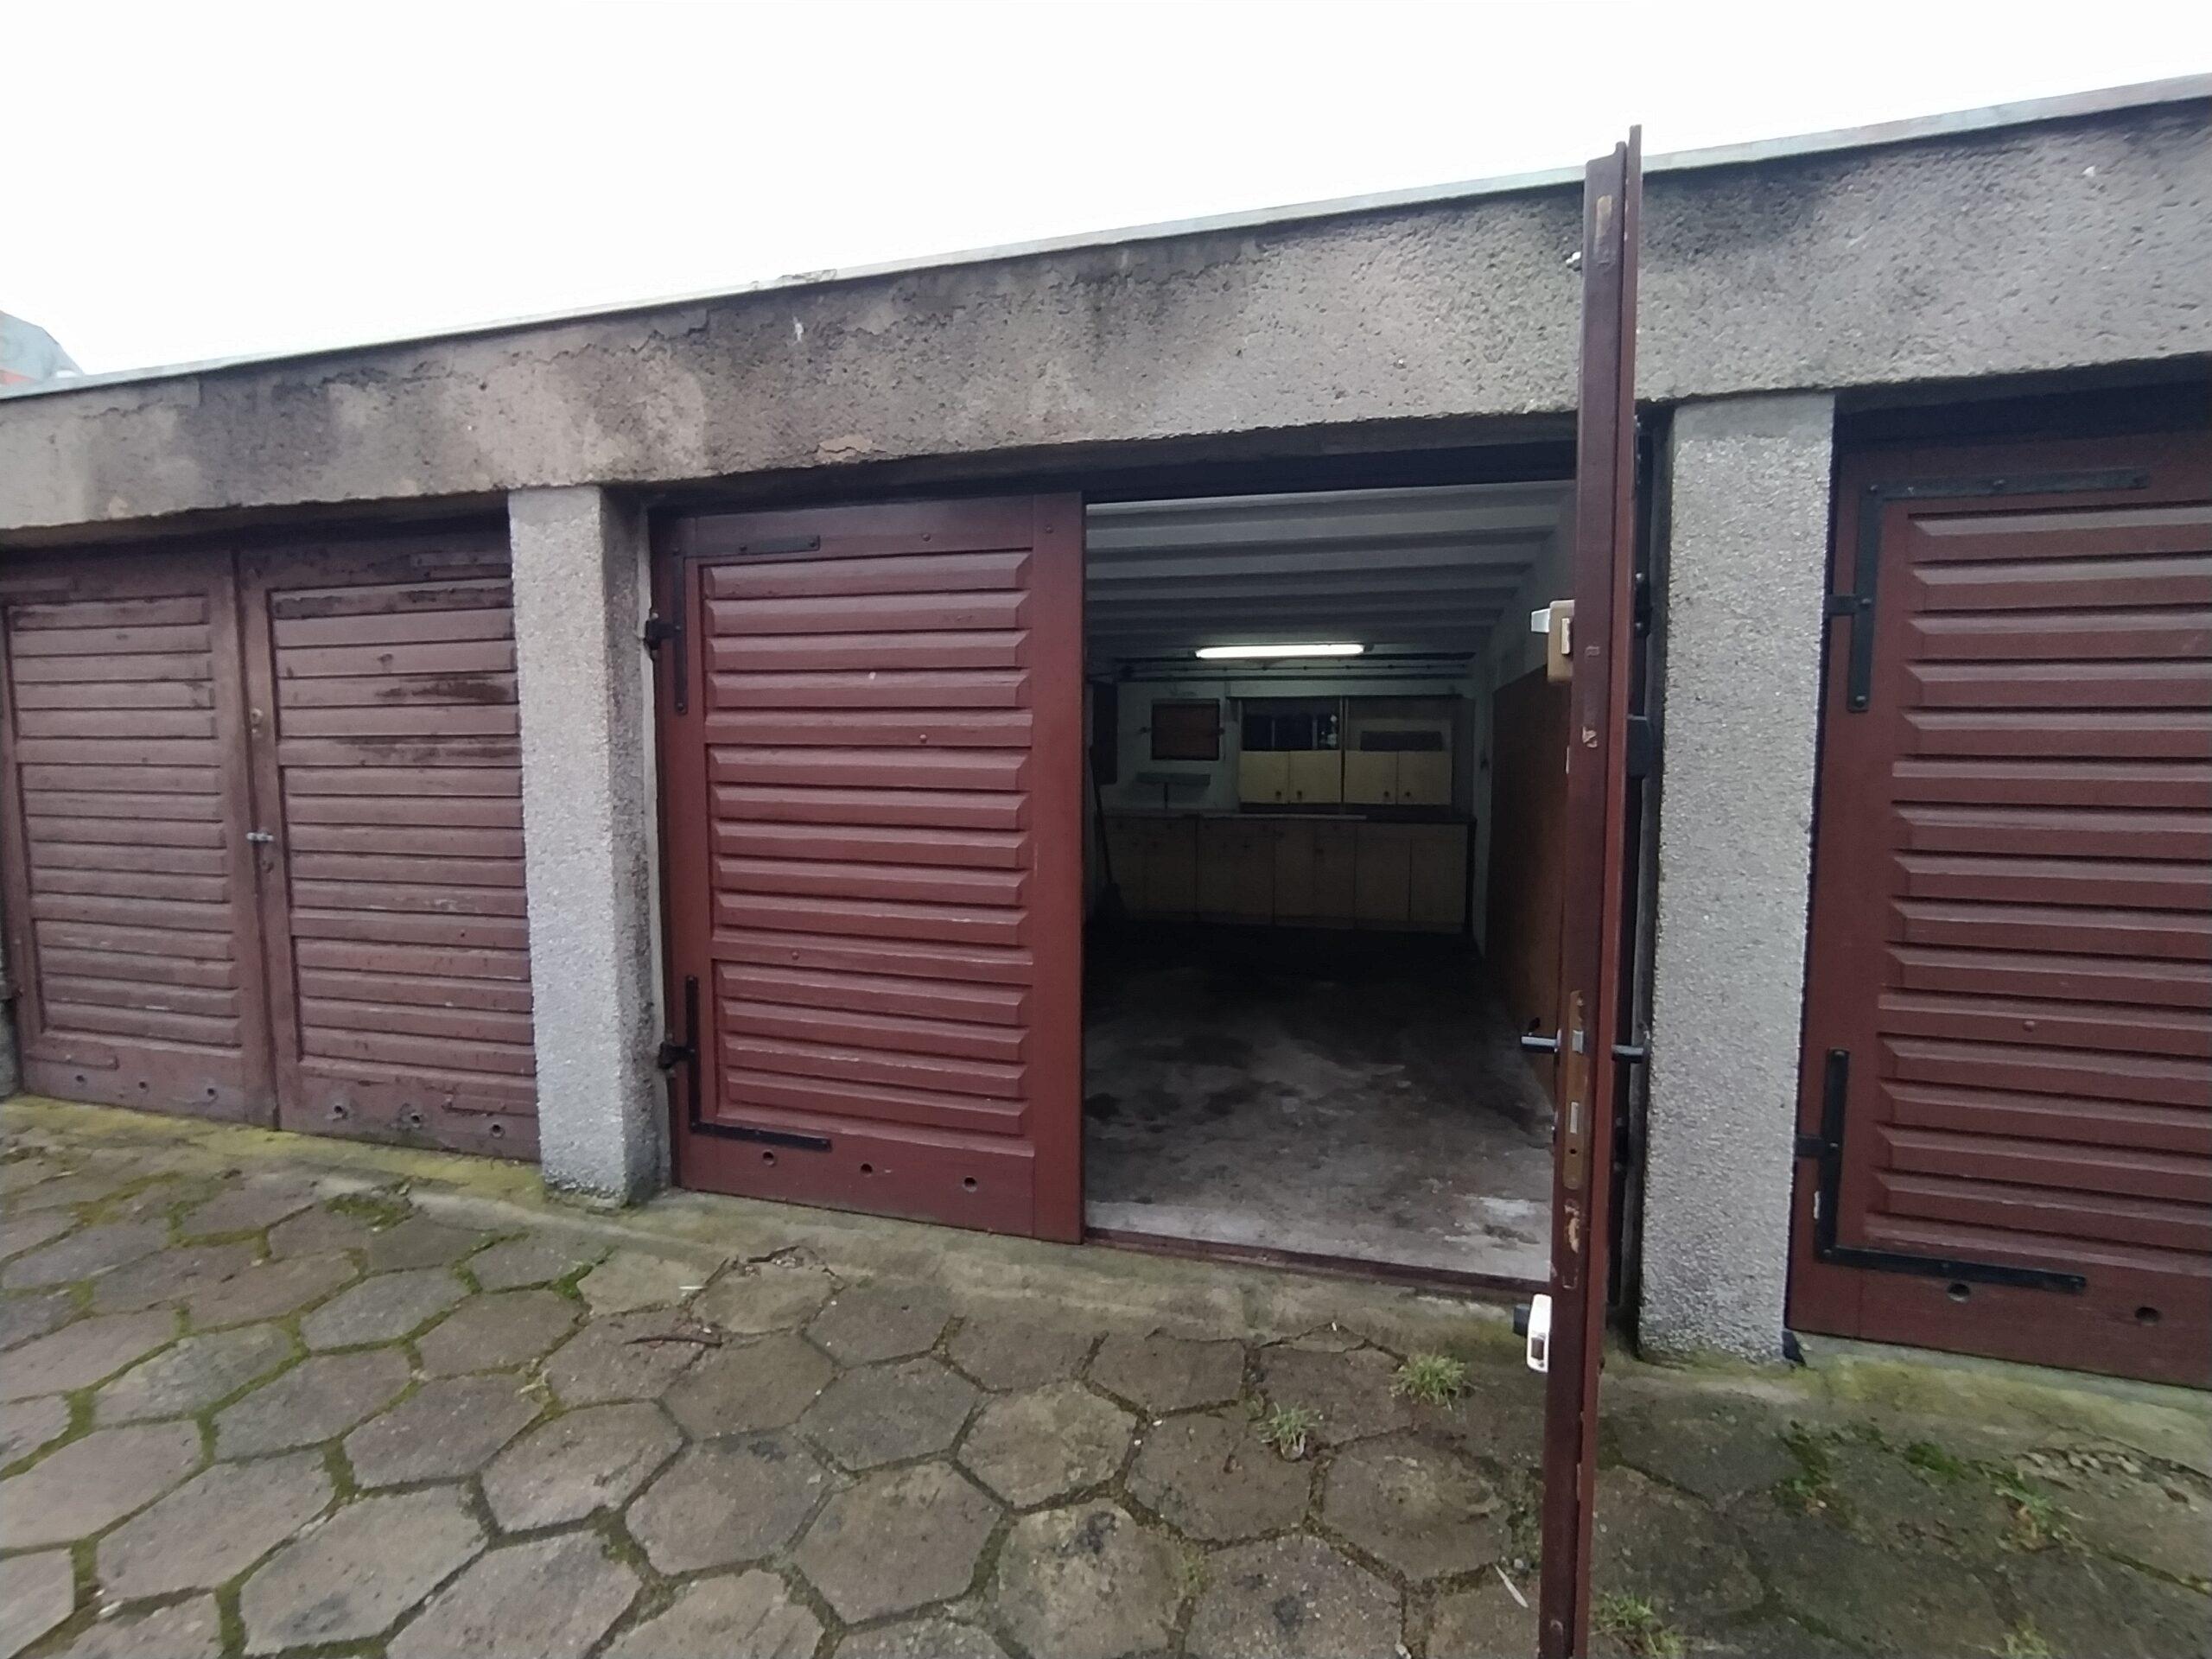 Garaż w centrum Szczecina